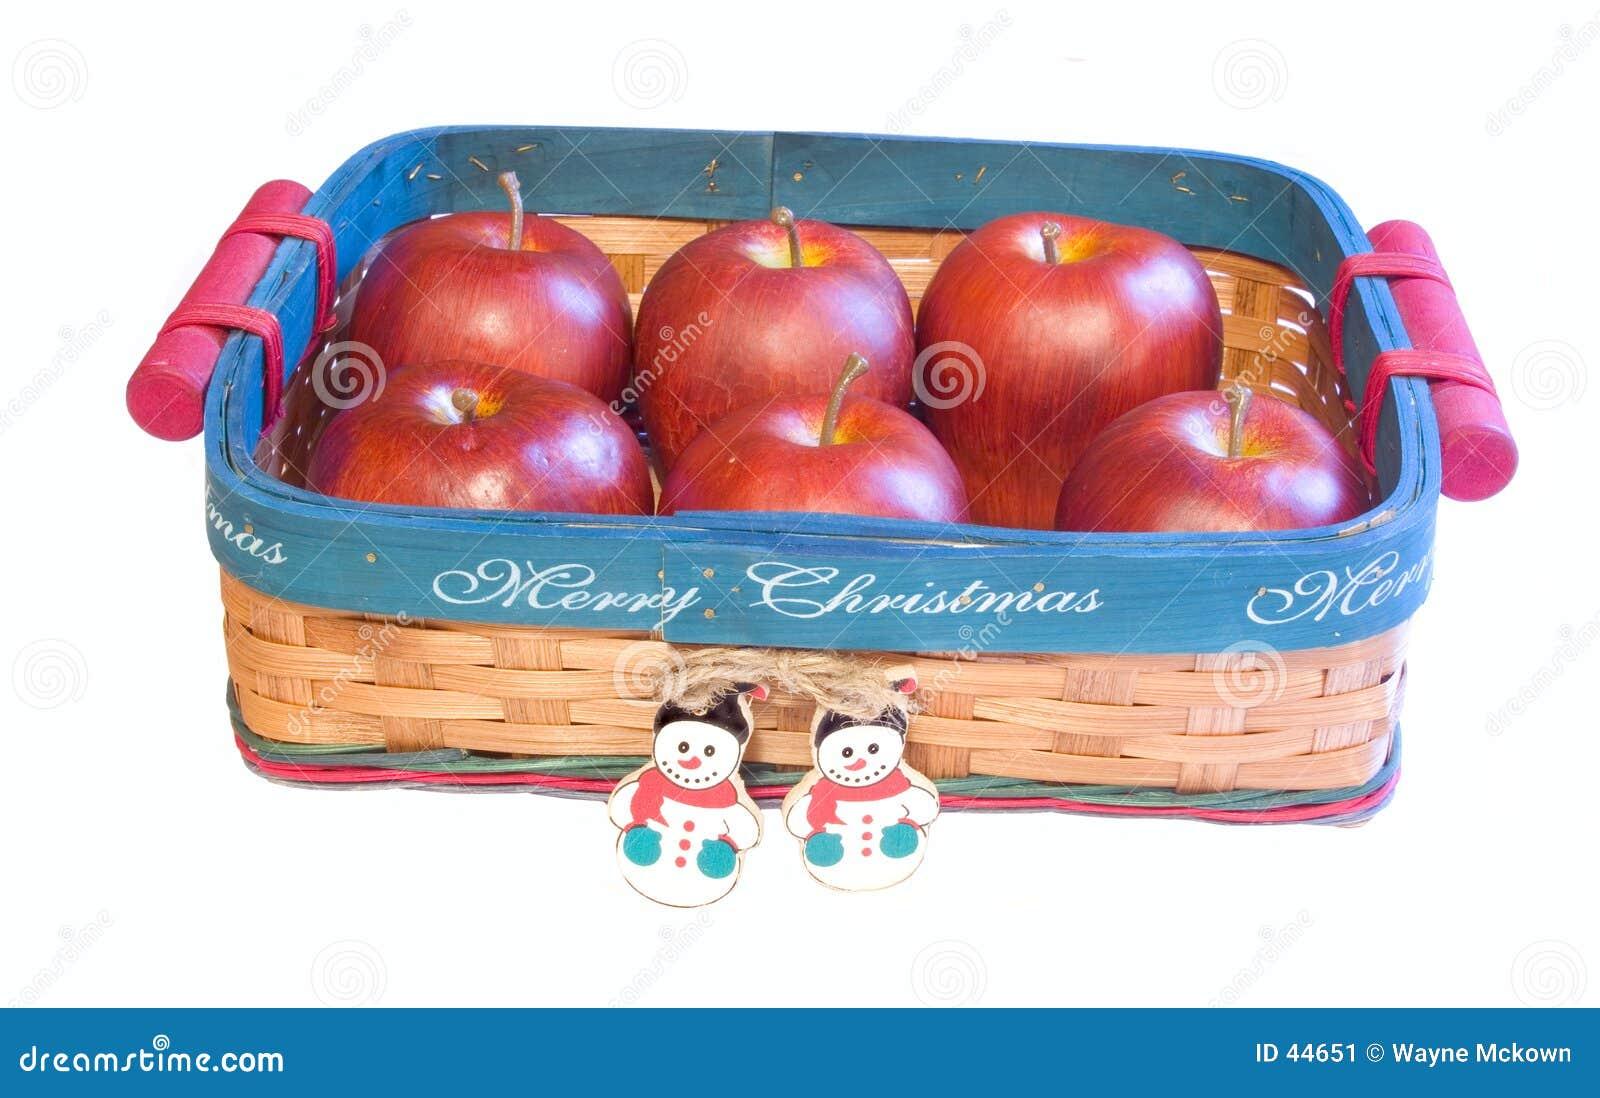 Christmas Basket.